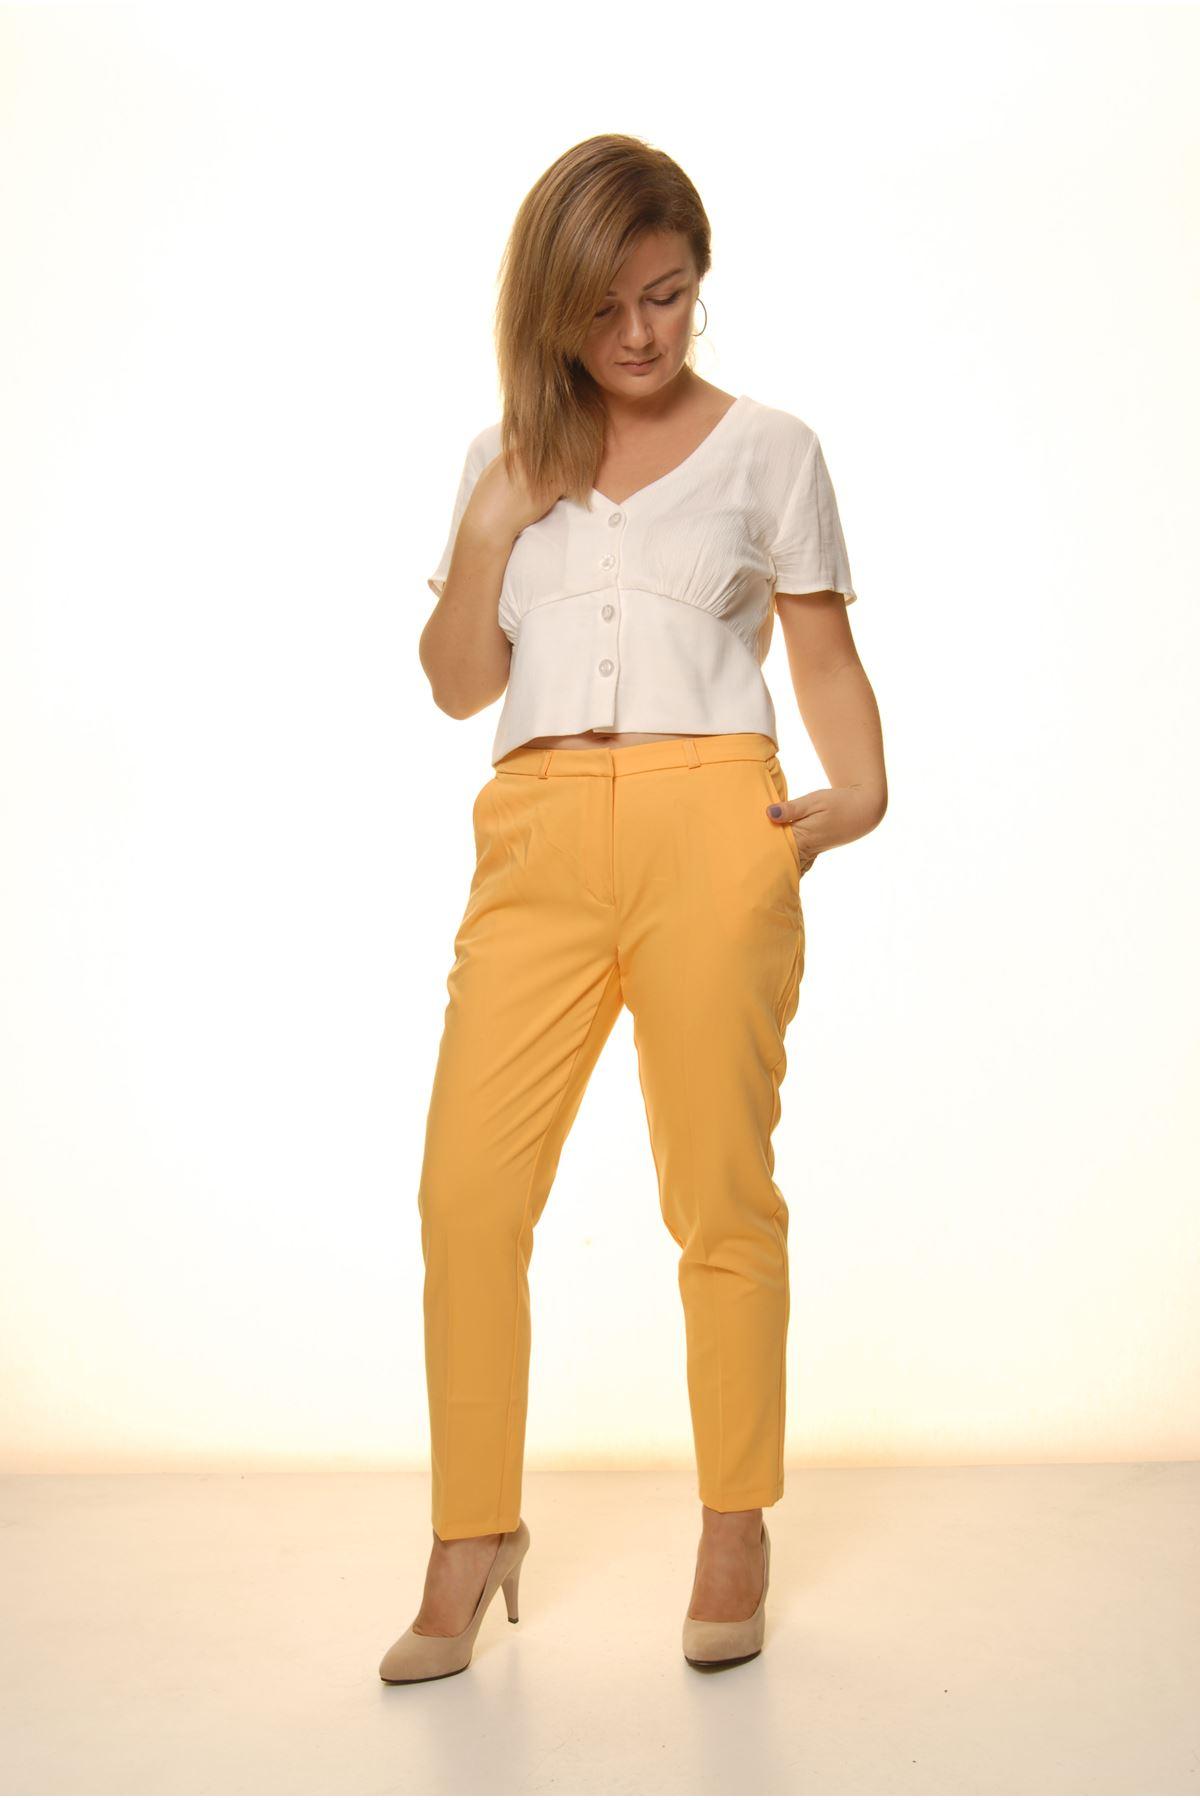 Kadın Hardal Sarı Mevsimlik Yüksek Bel Kumaş Pantolon 16D-4059